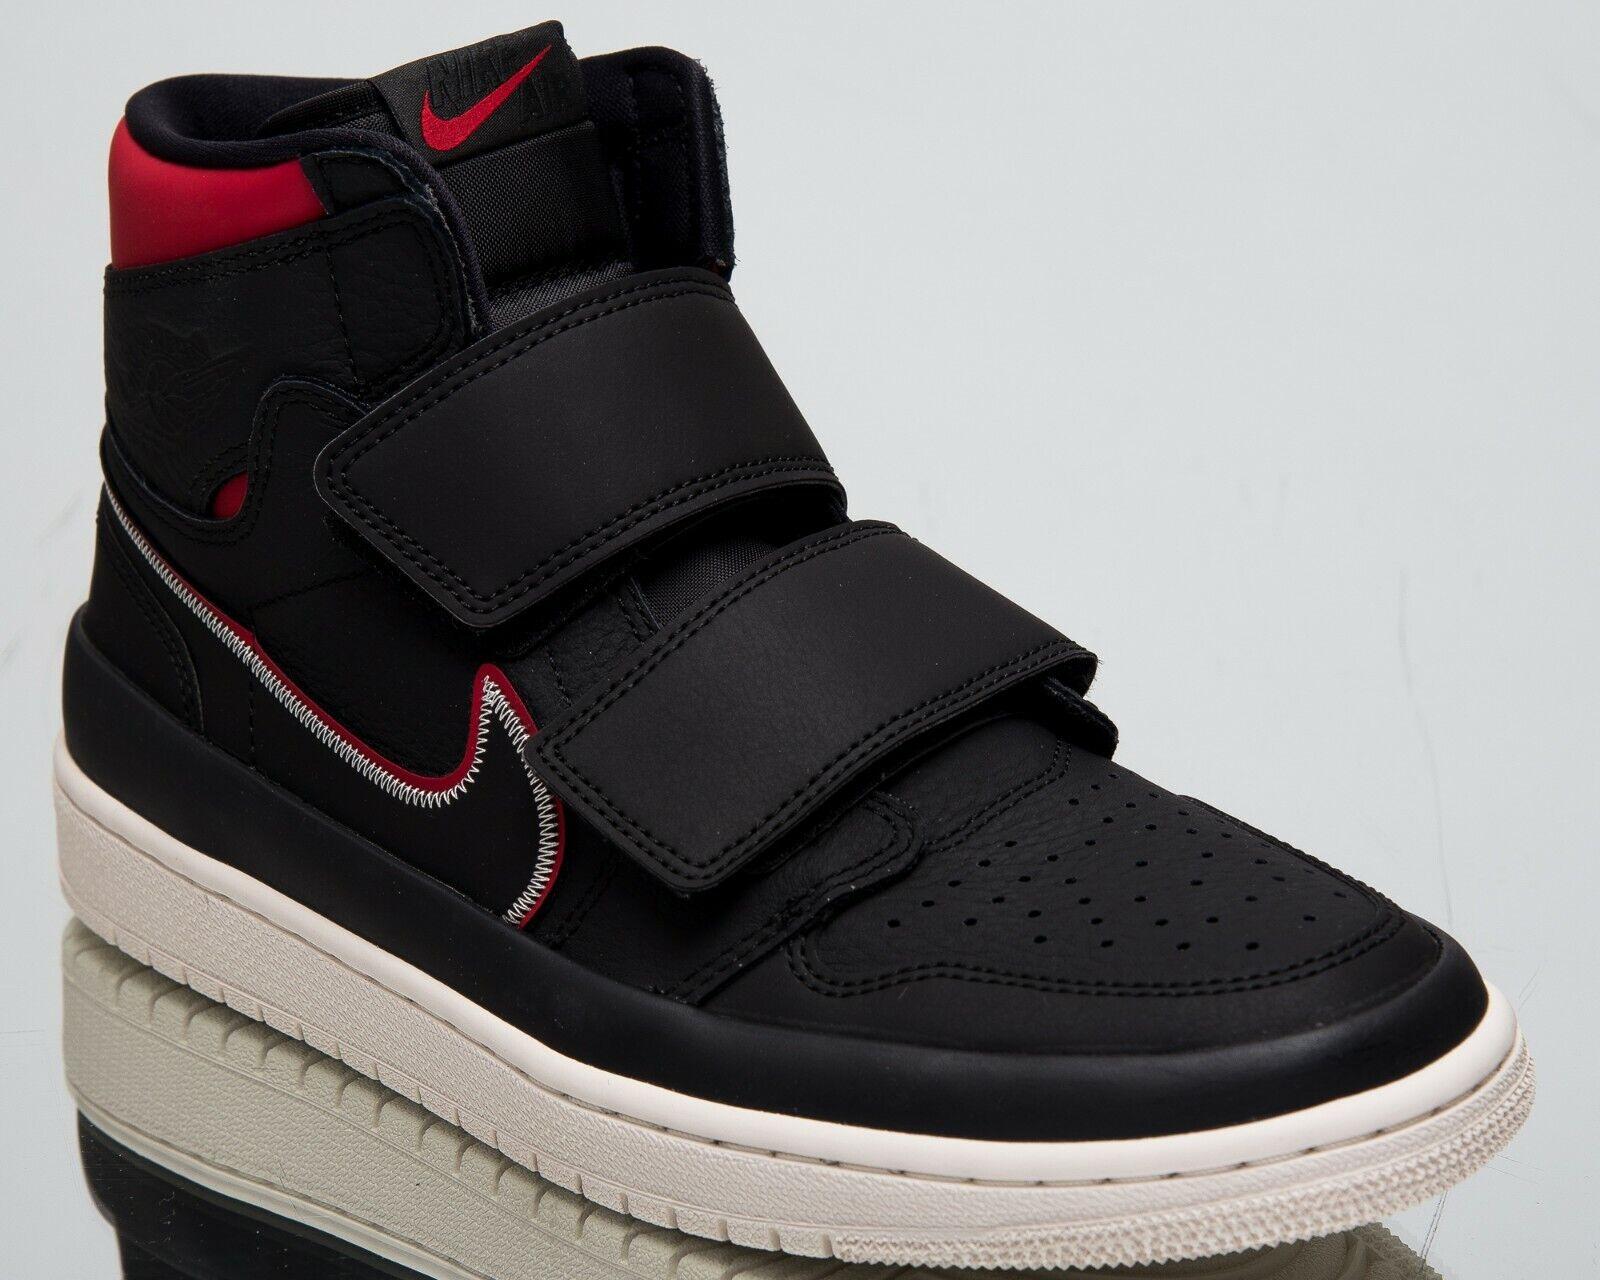 Luft Jordan 1 Retro Hoch Doppelriemen Neu Herren Lifestyle Schuhe Schwarz